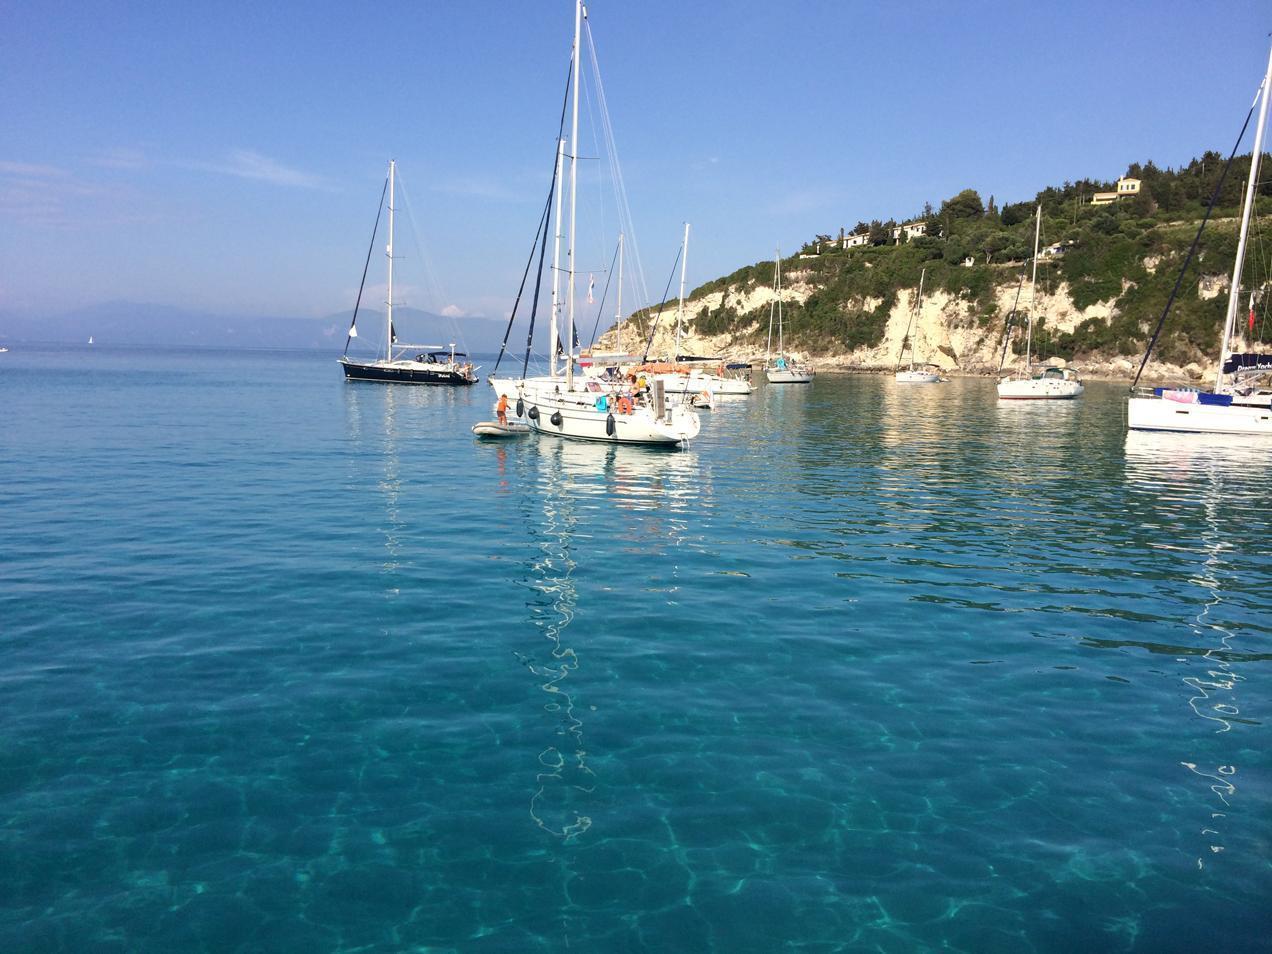 הפלגה ליוון עם דרך הים - מעגן סירות ויאכטות מרהיב ביופיו